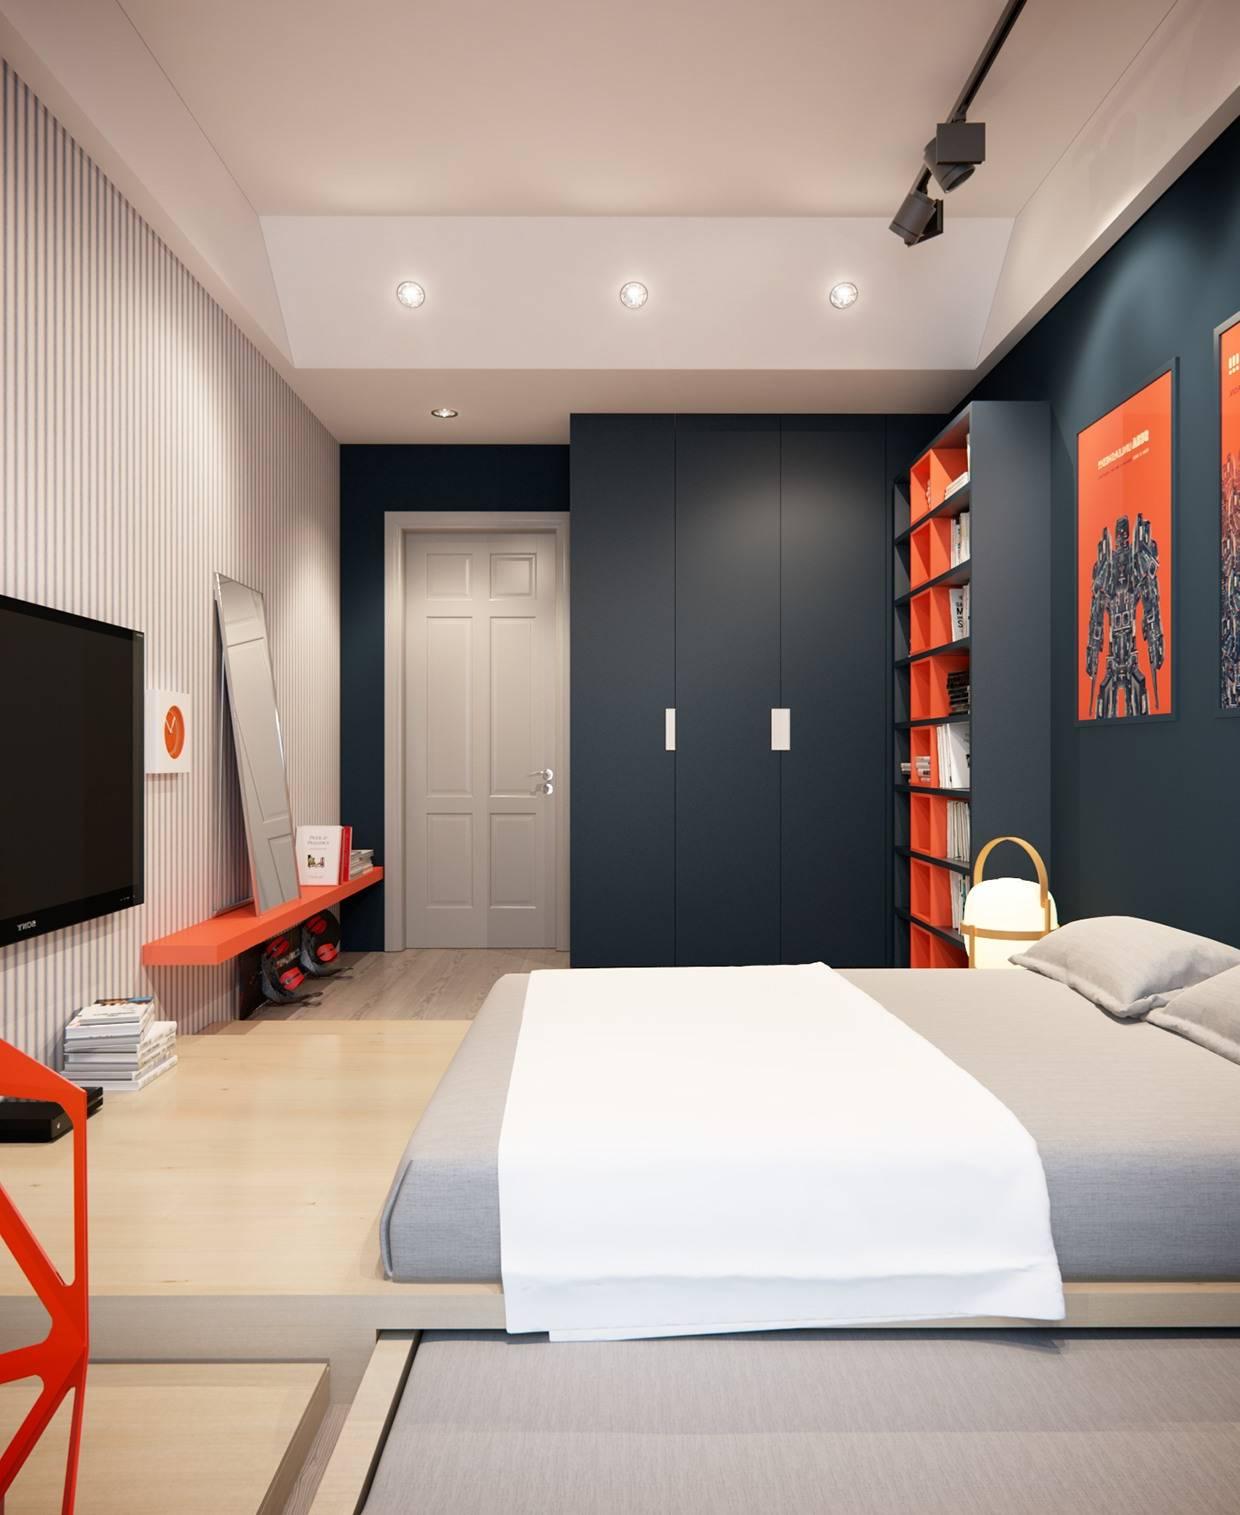 дизайн комнаты для мужчины фото съемные разделители, позволяют